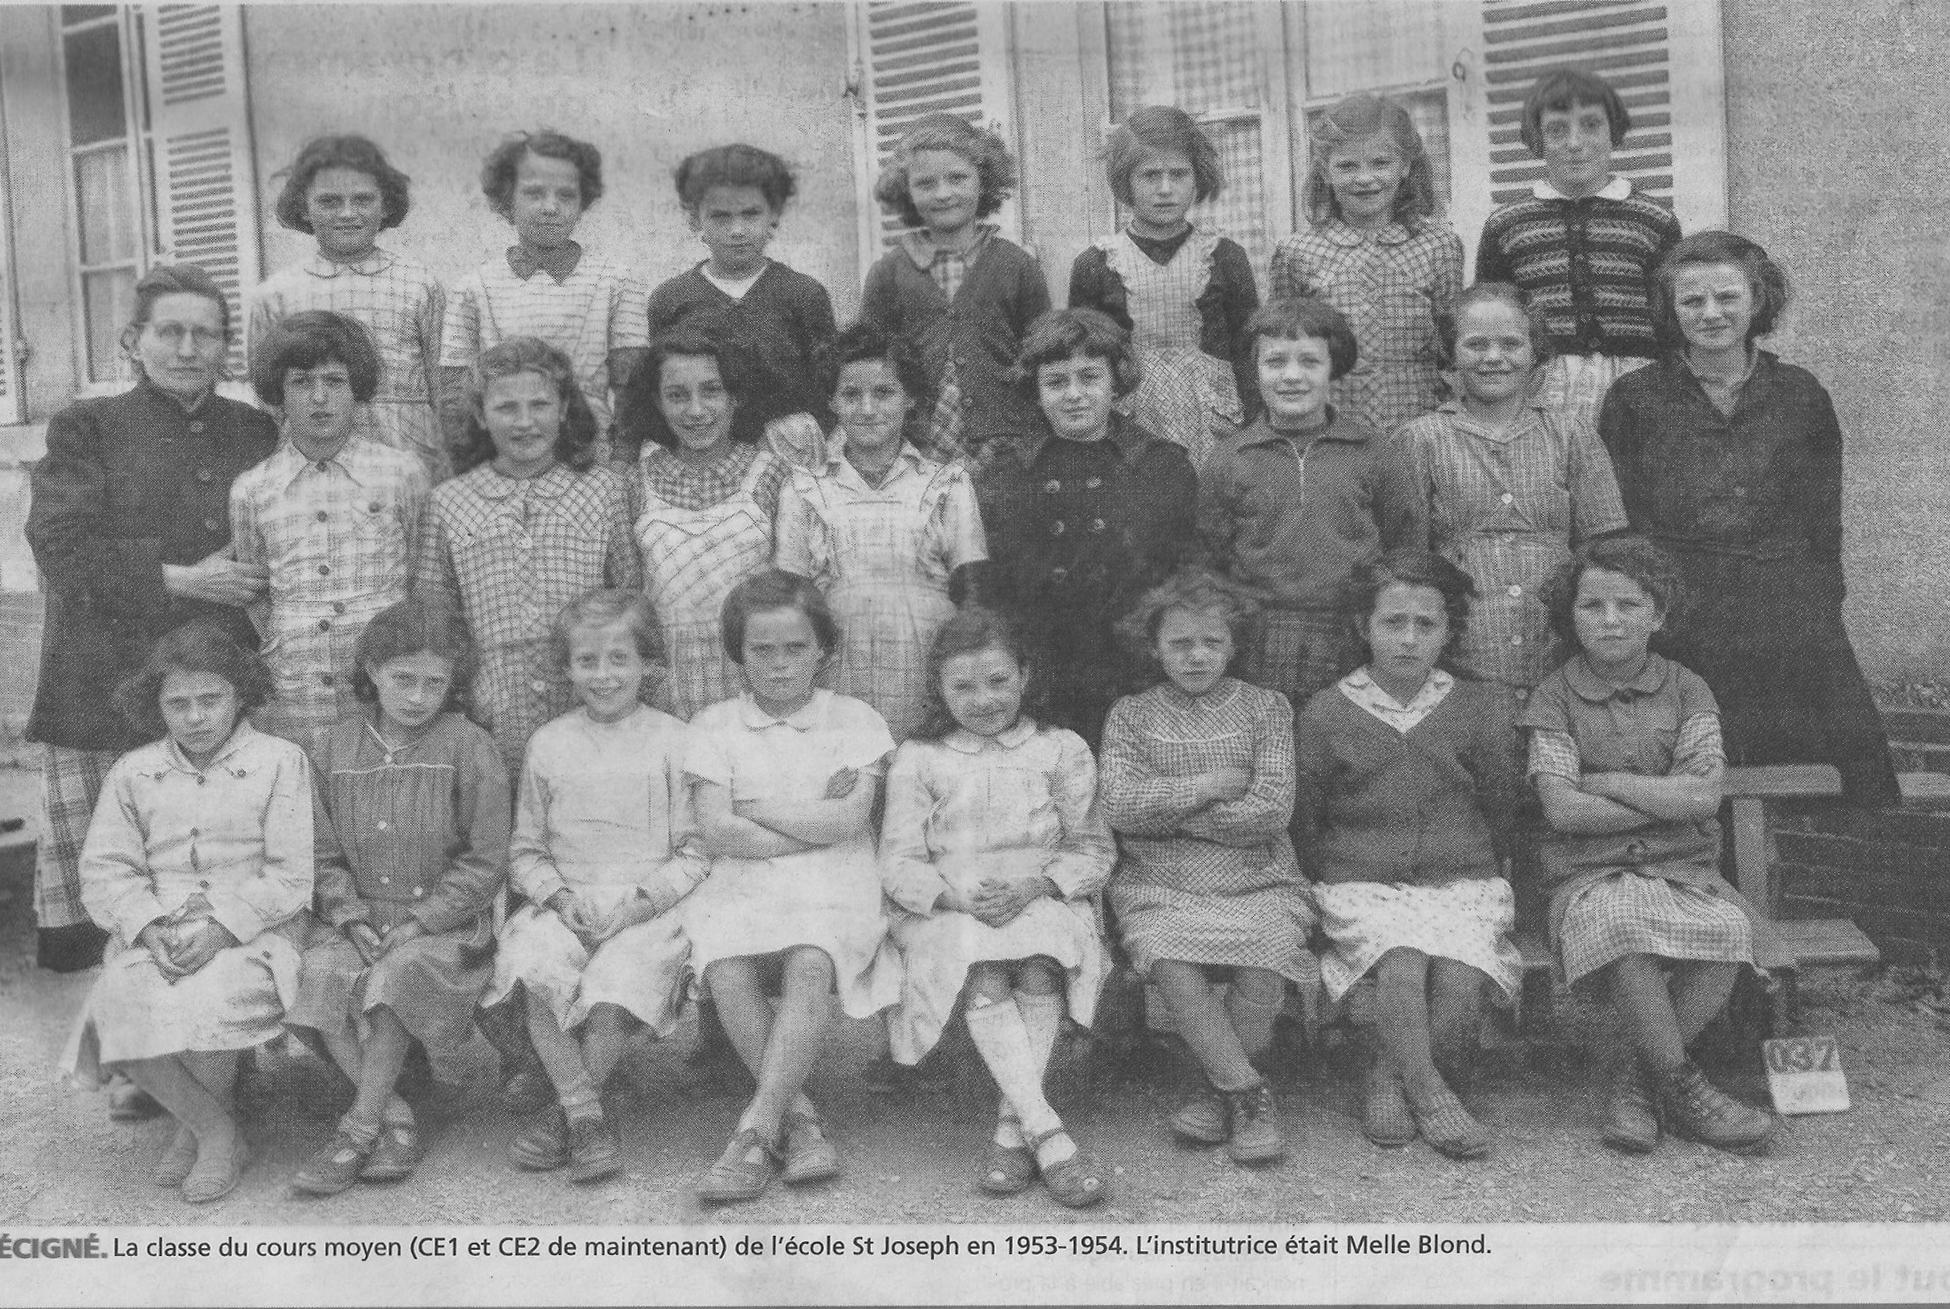 Précigné - Groupes - Photos de classe - Ecole Saint Joseph - Institutrice Melle BLOND - 1953-1954